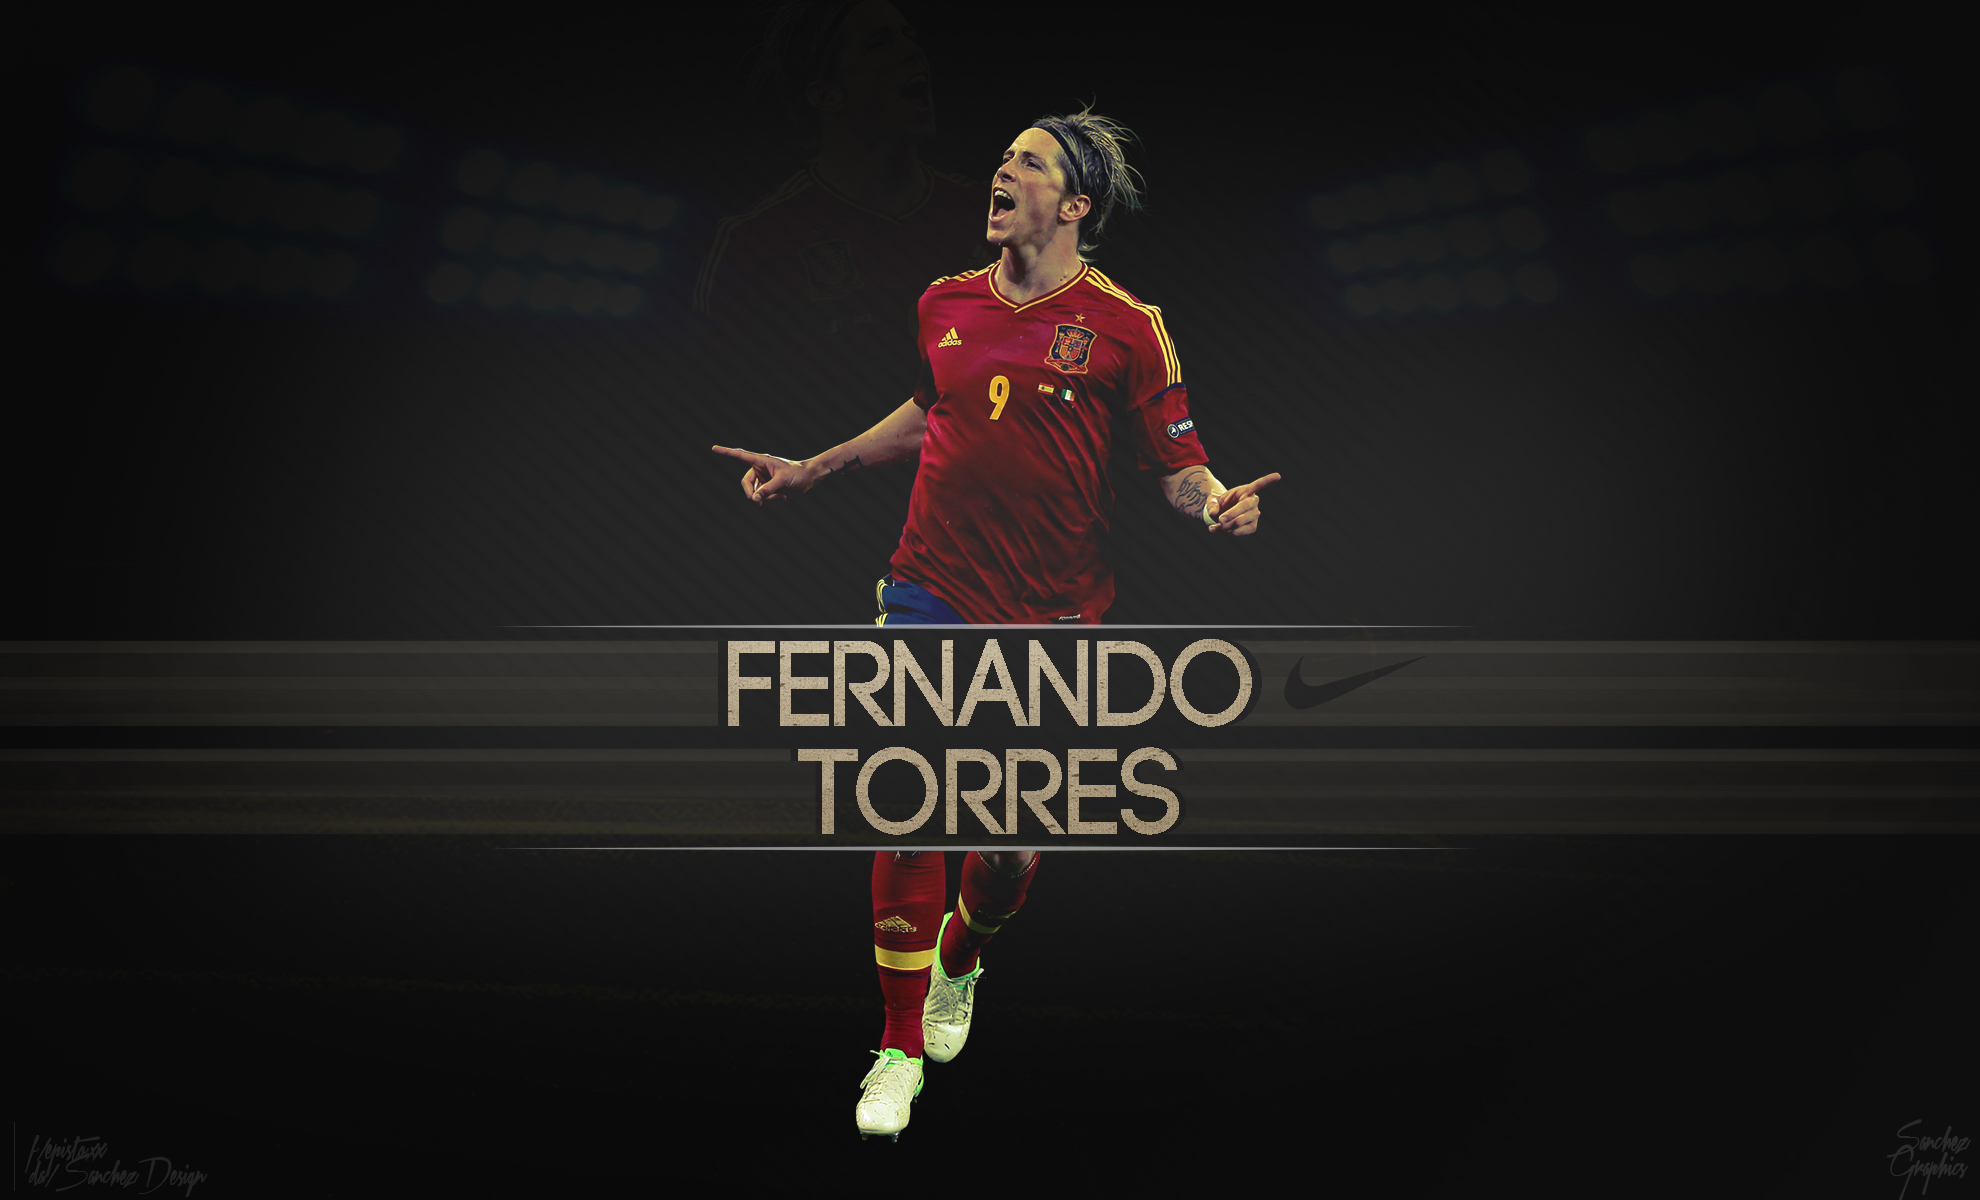 Fernando Torres Best Wallpaper   Football HD Wallpapers 1980x1200